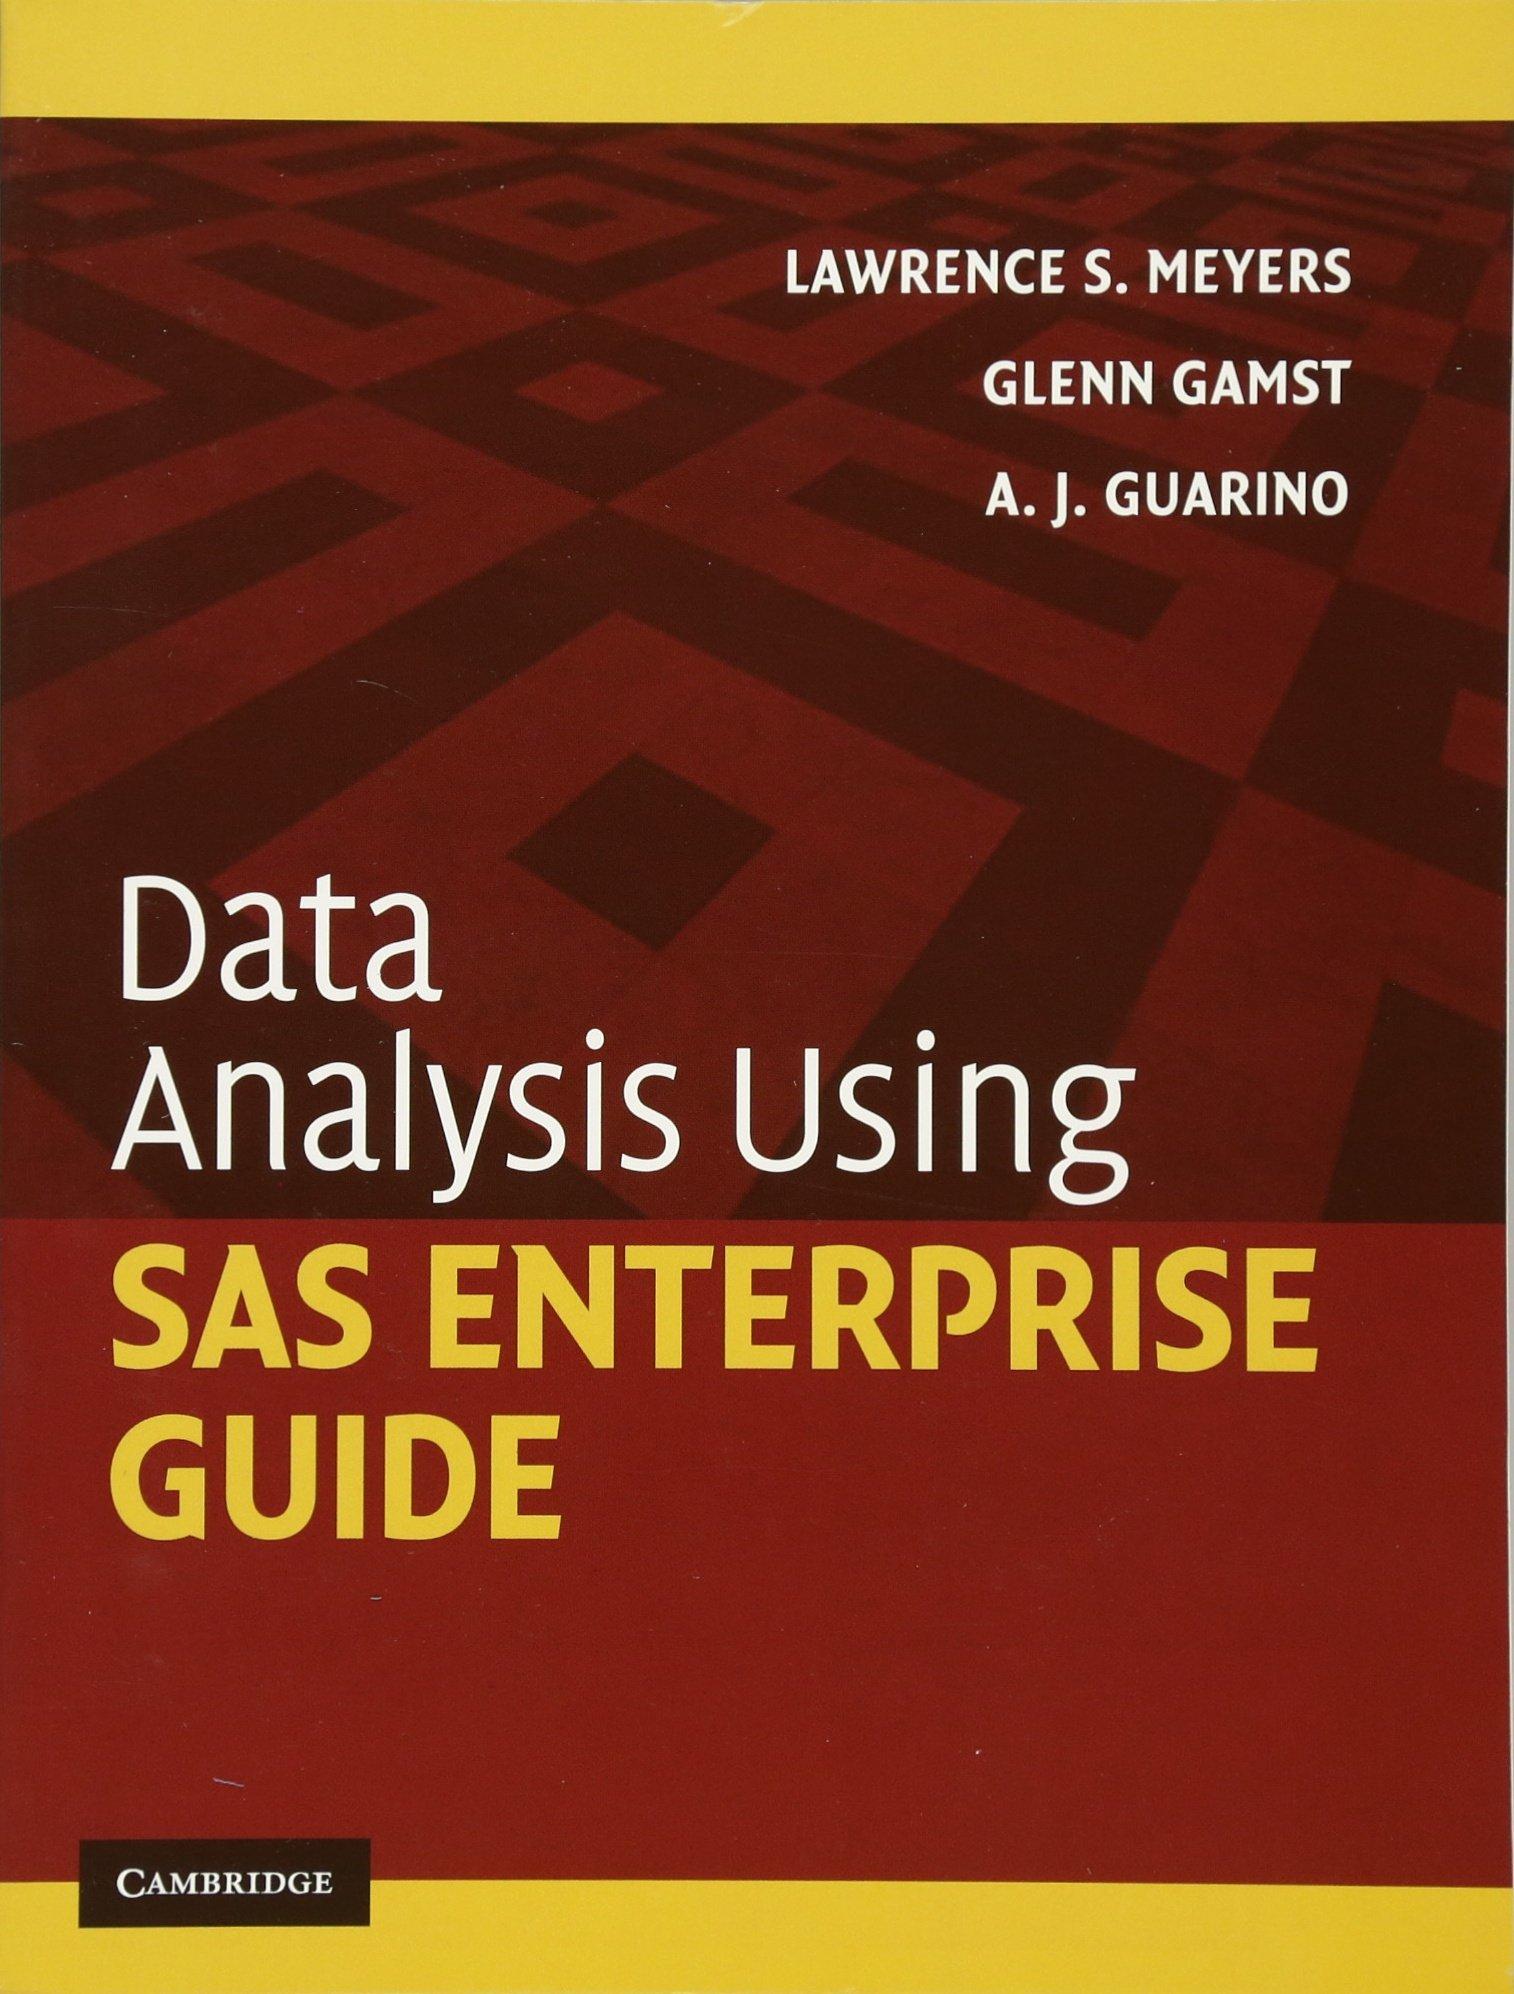 data analysis using sas enterprise guide amazon co uk lawrence s rh amazon co uk data analysis with sas enterprise guide SAS Enterprise Guide Icon